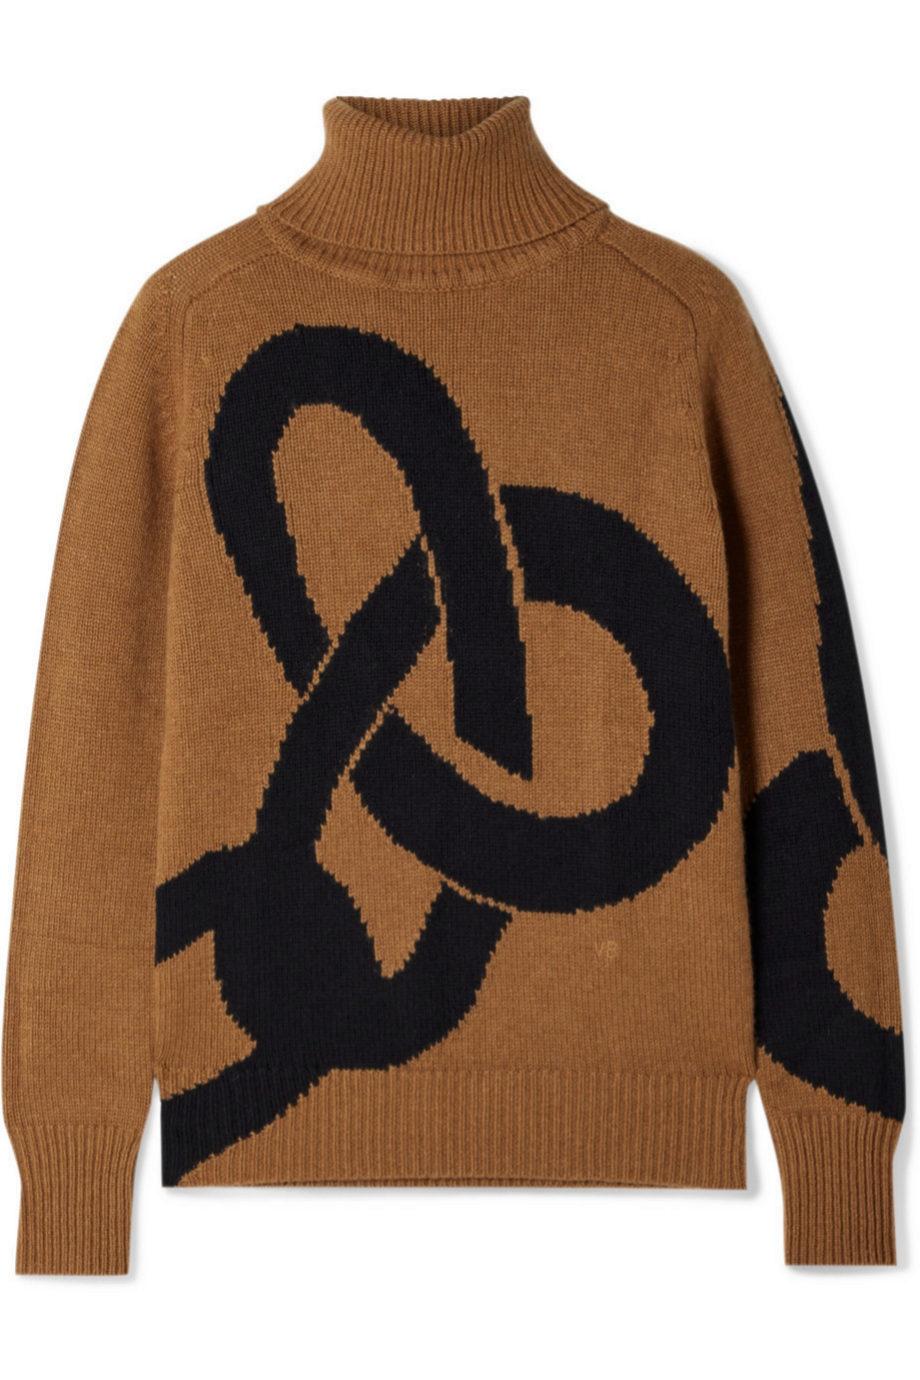 Jersey de cashmere en color camel de Victoria Beckham (c.p.v)